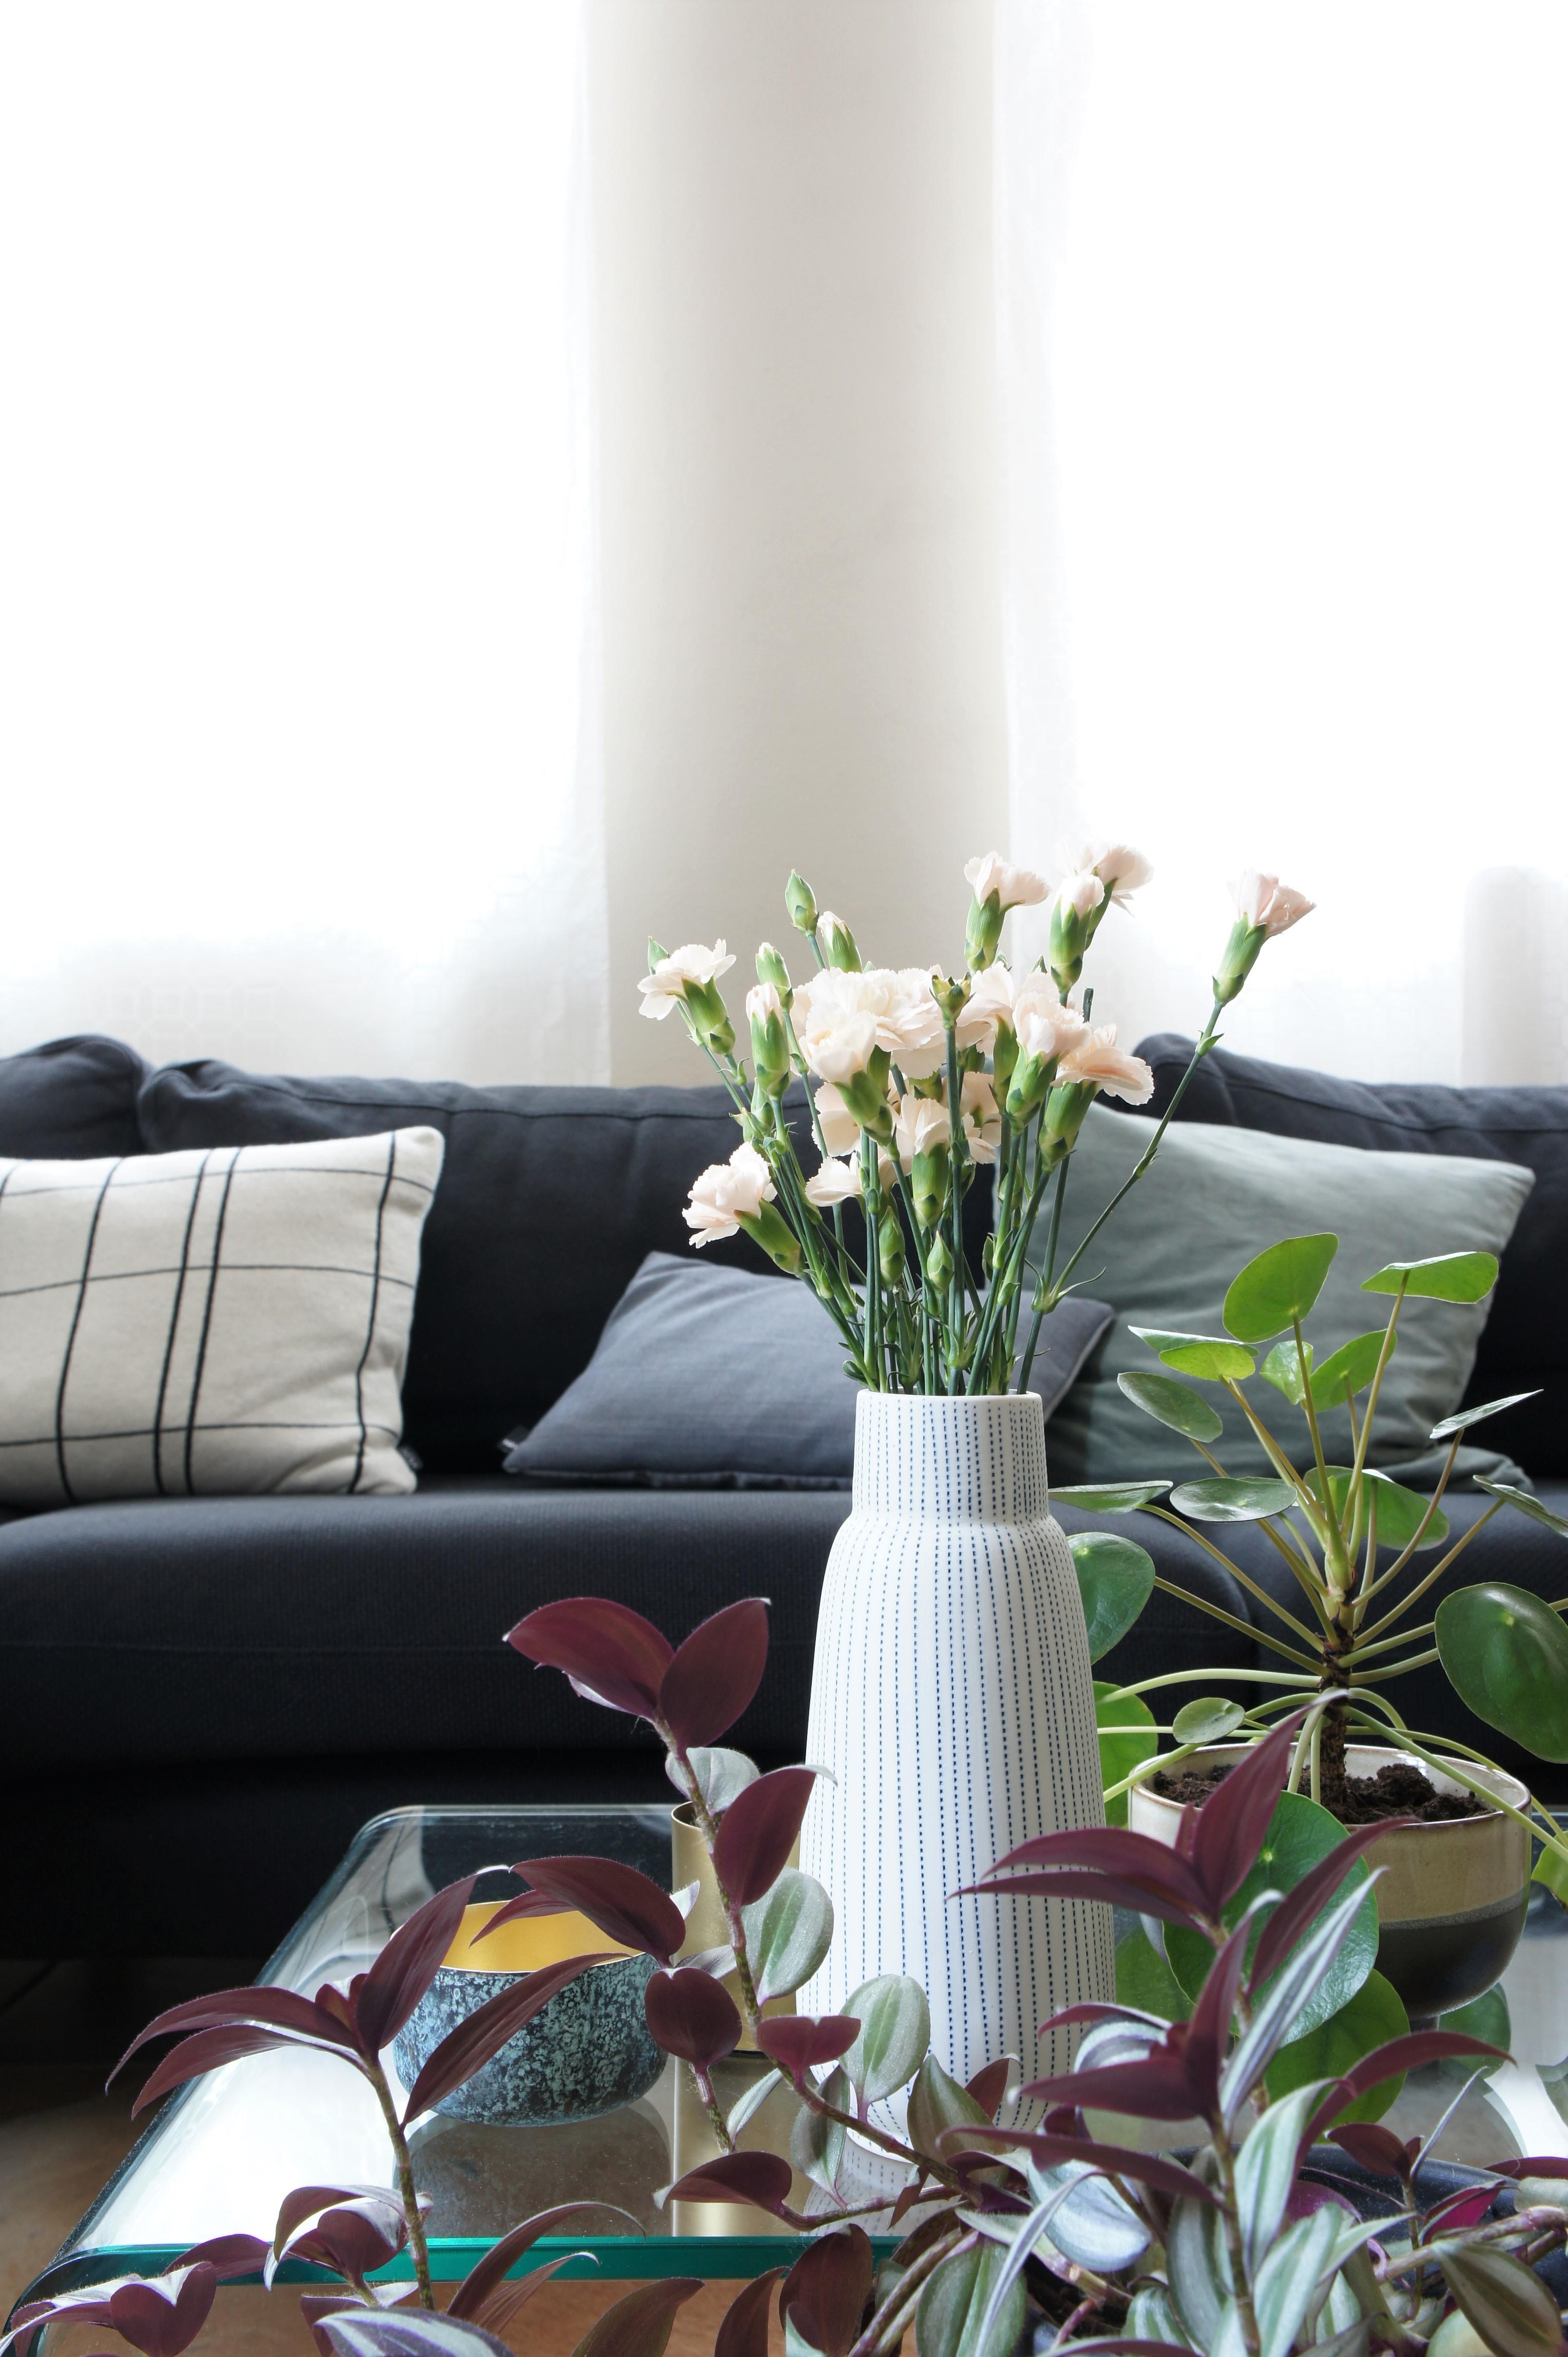 Trübes Wetter - trübe Farben. #wohnzimmer #couch #c....